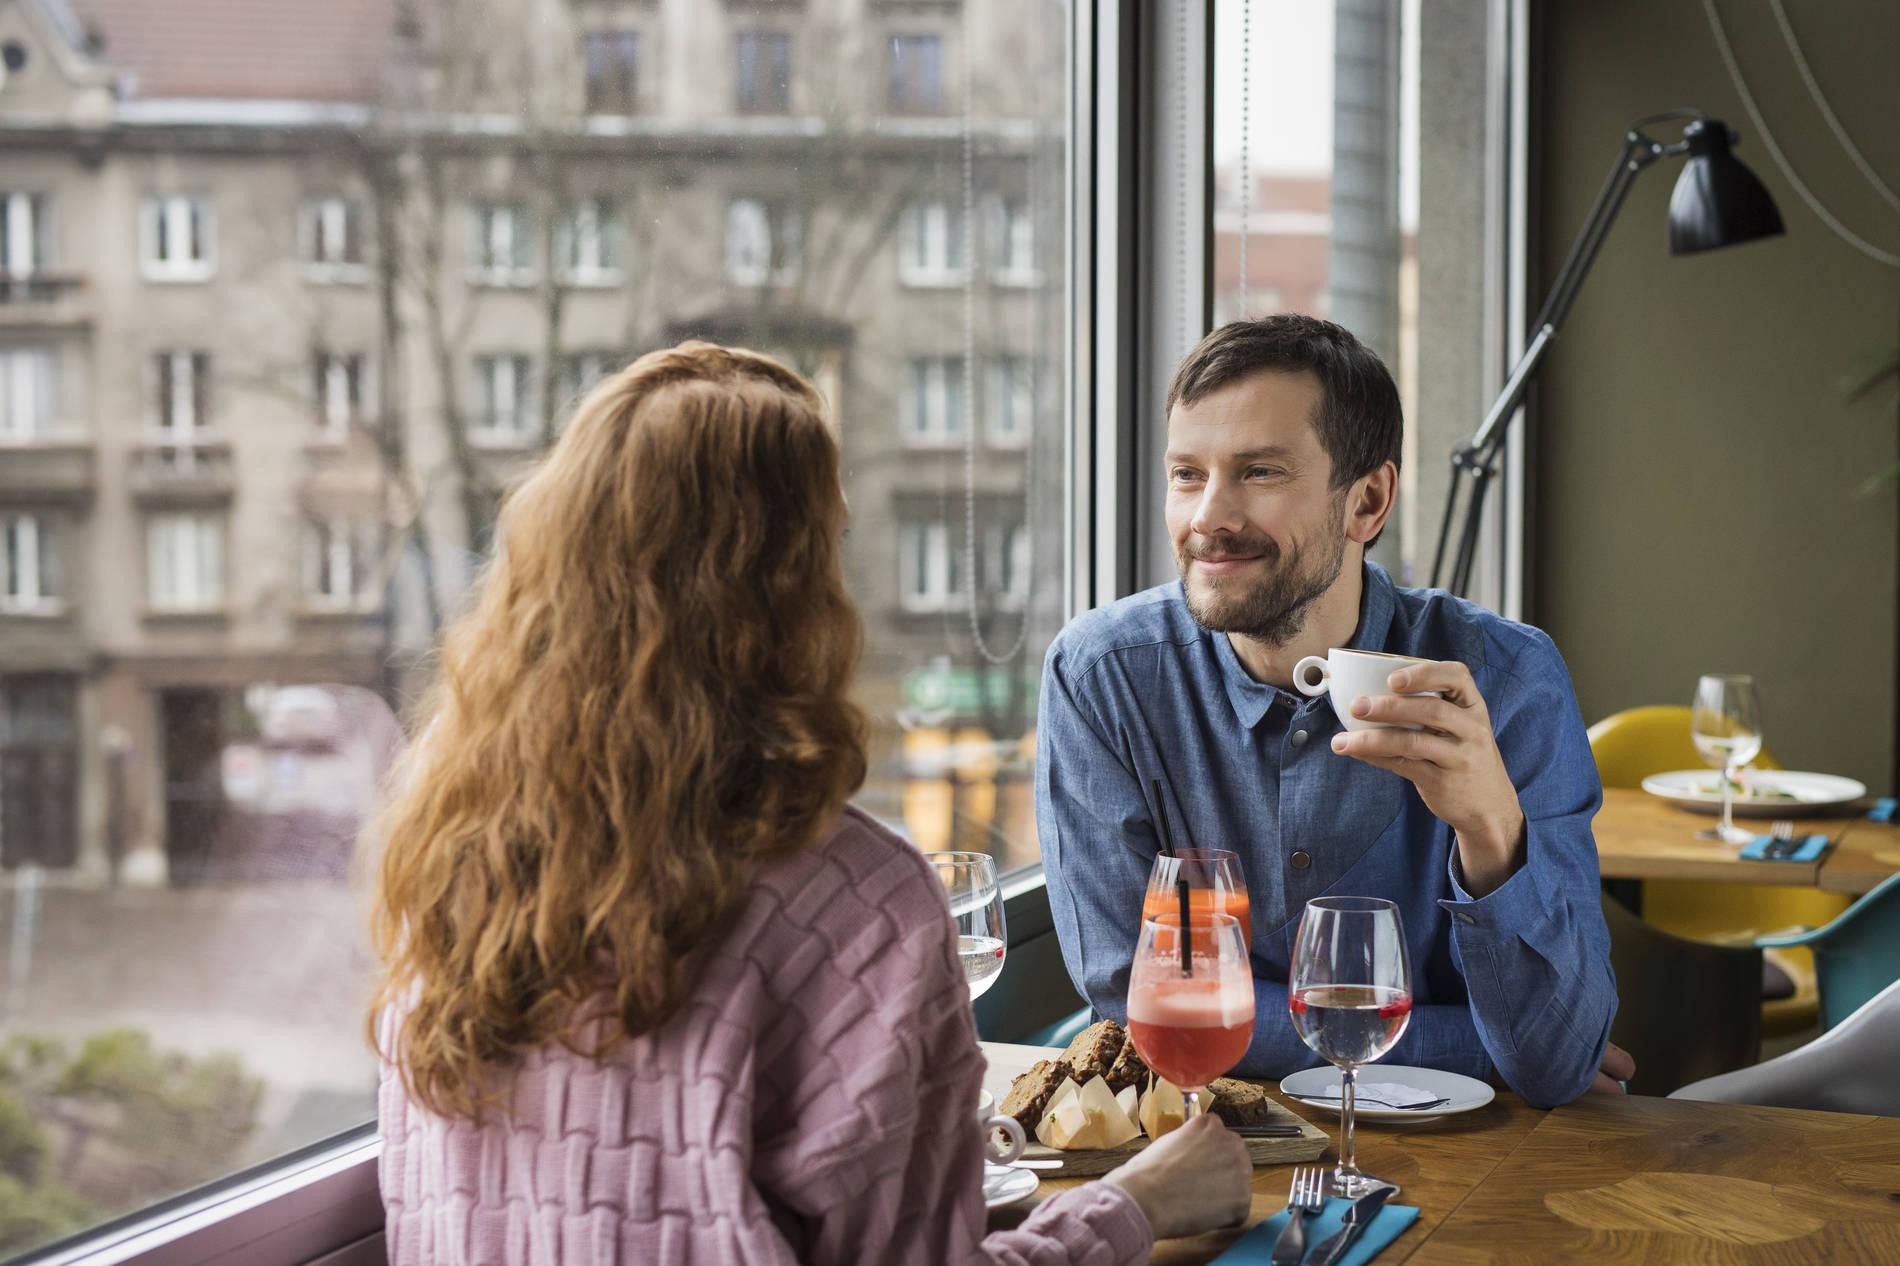 A woman and a man in a restaurant in Tallinn, Estonia